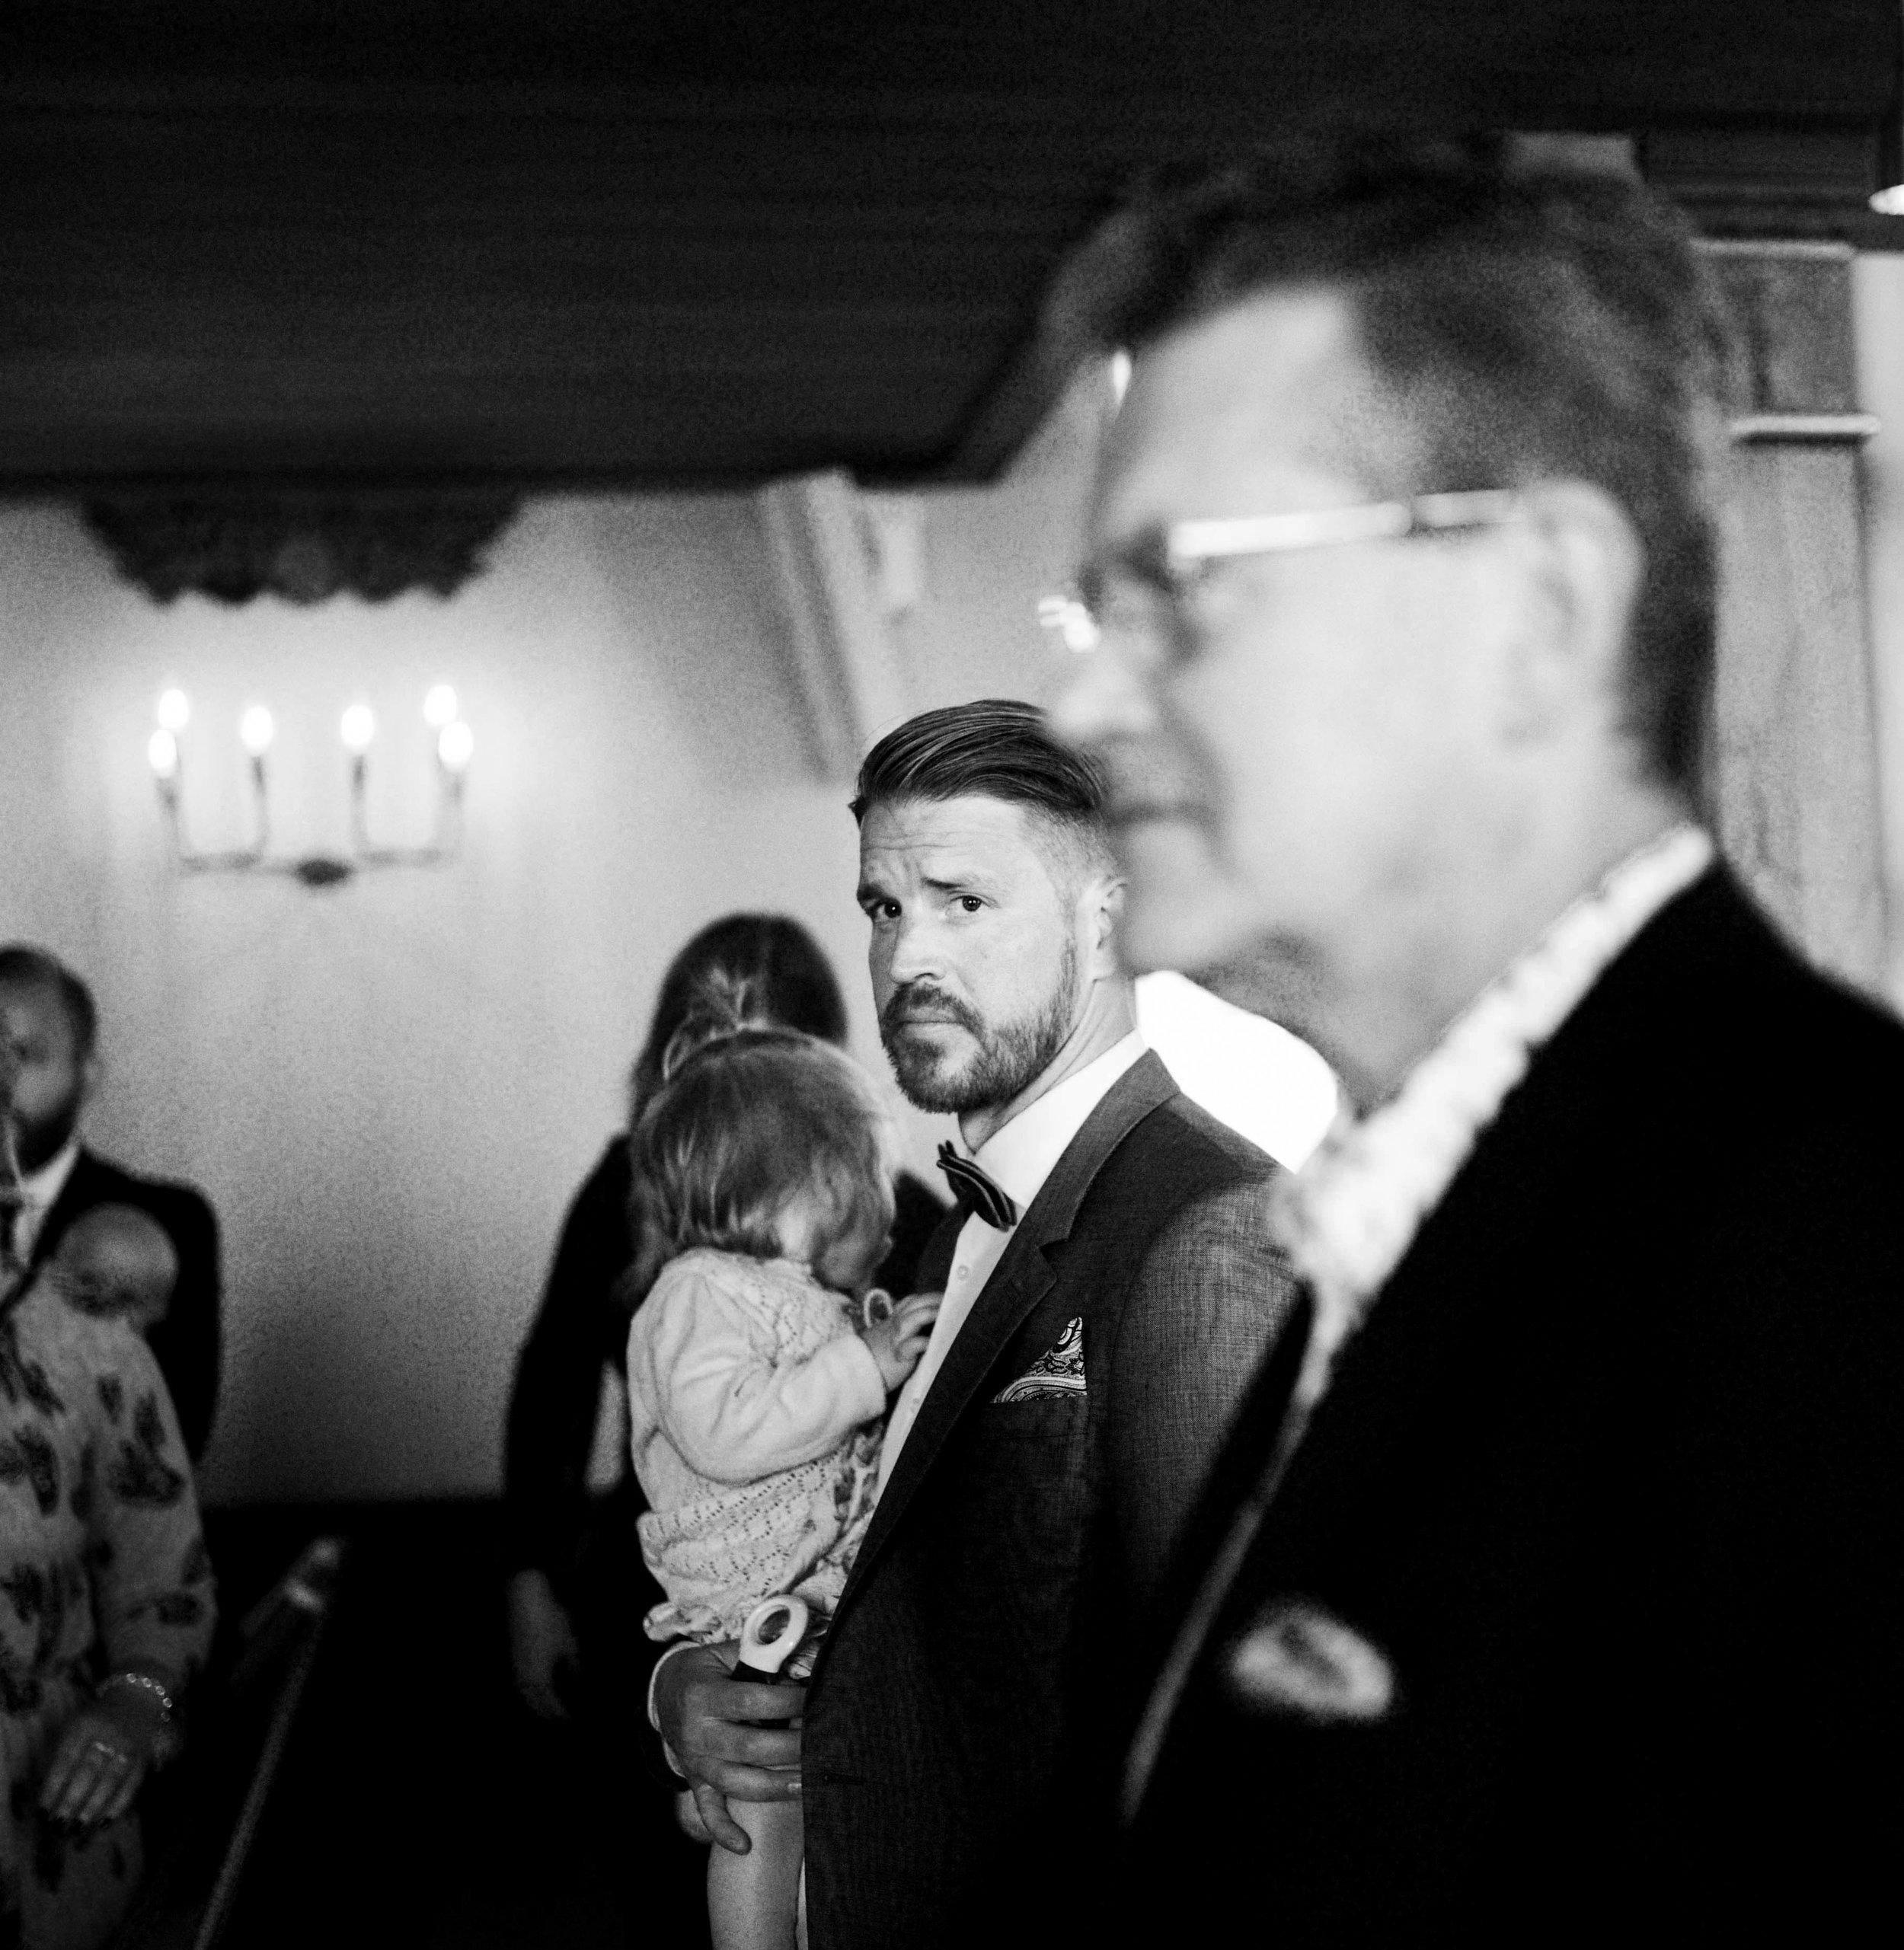 Bröllop2019lågkvall-55502.jpg